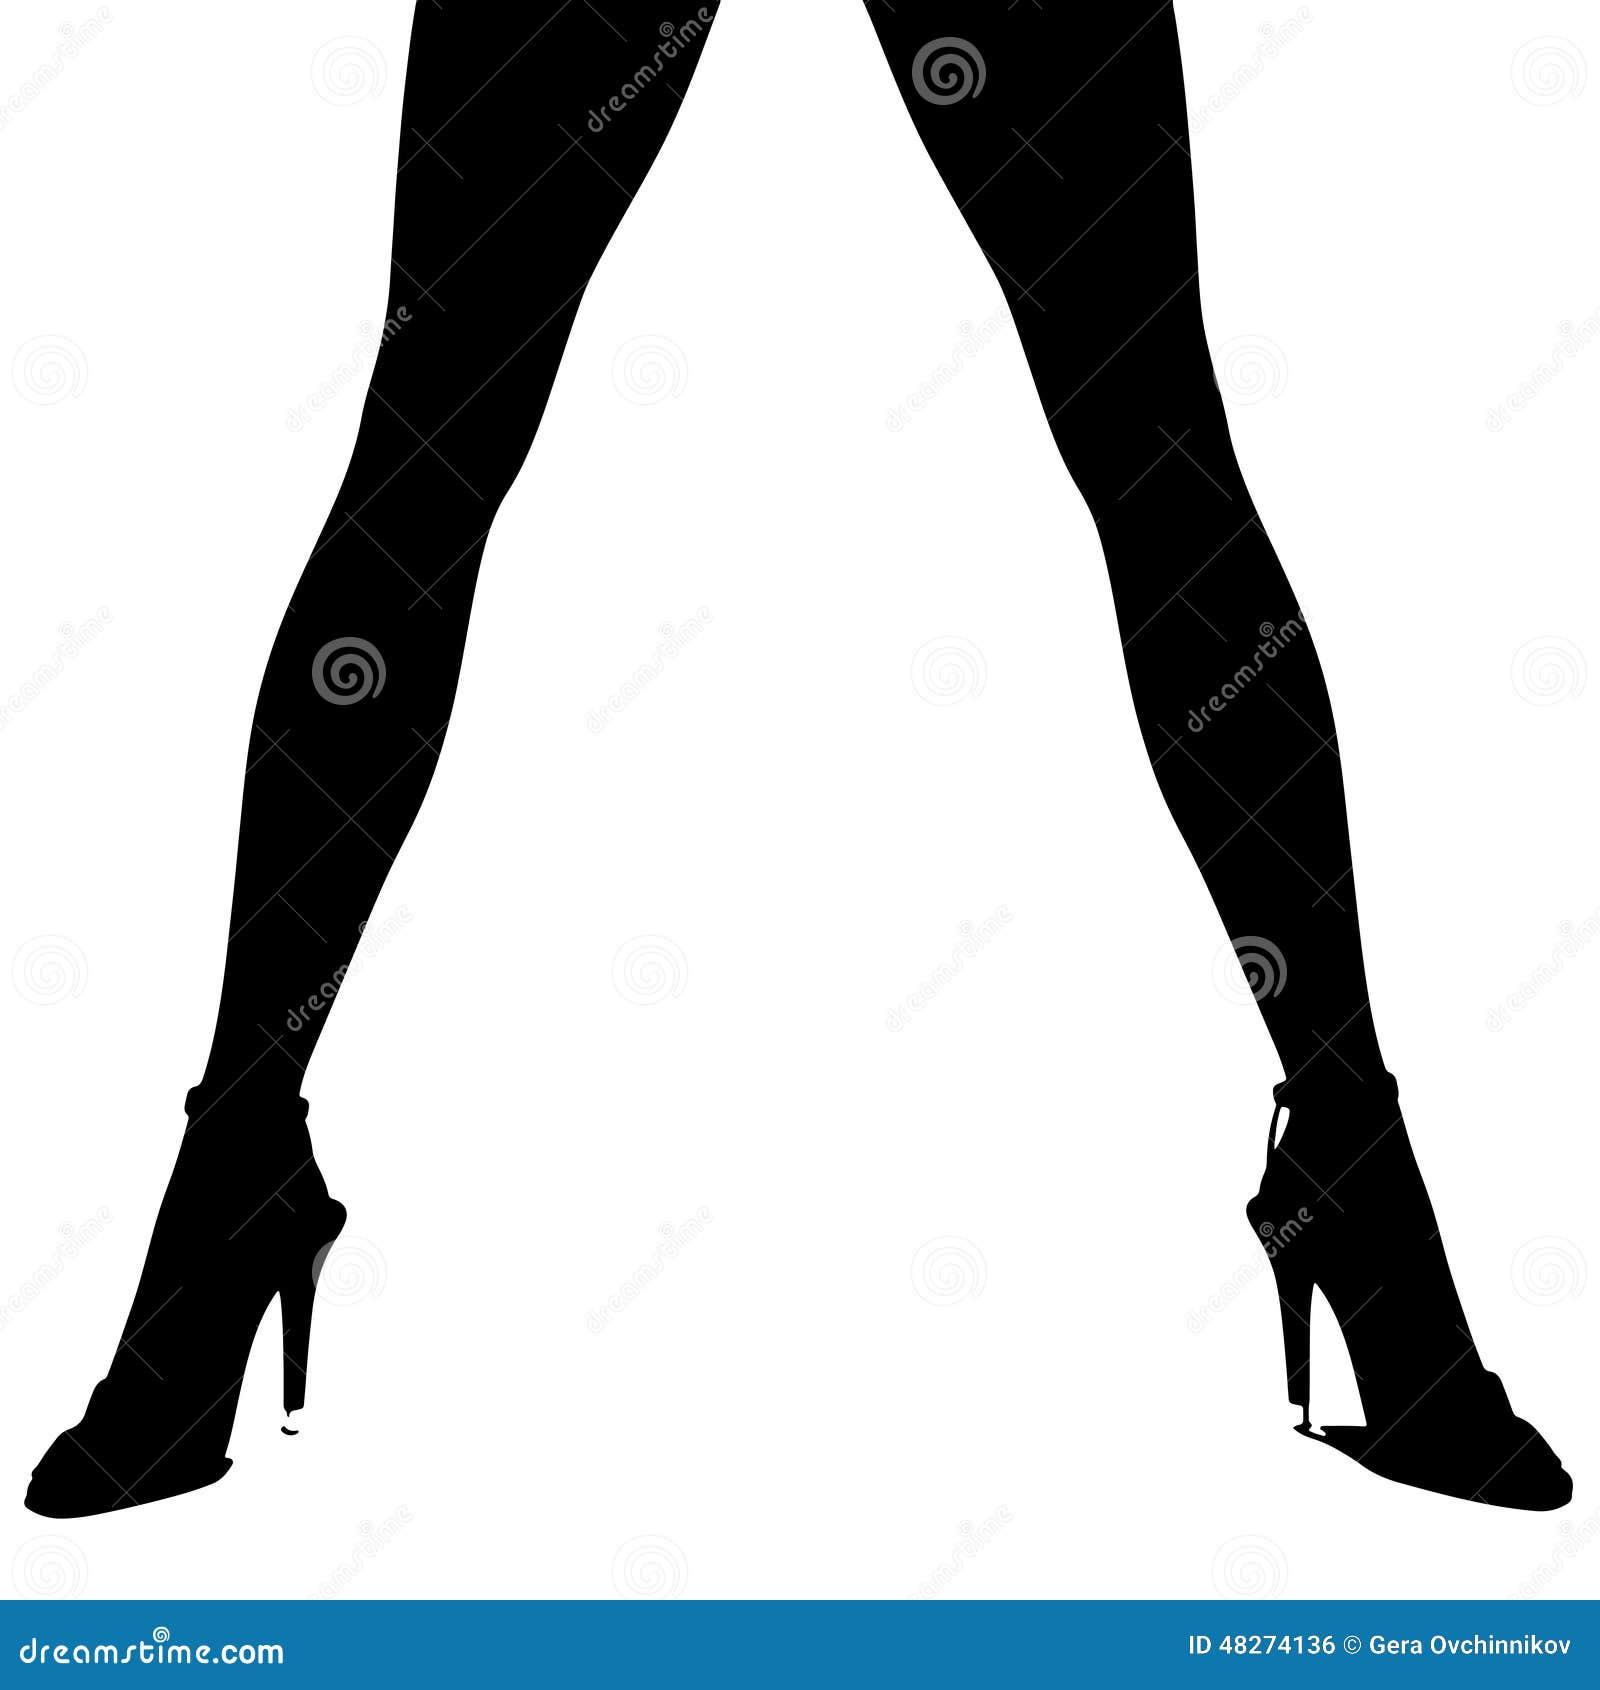 Silhouette of female legs